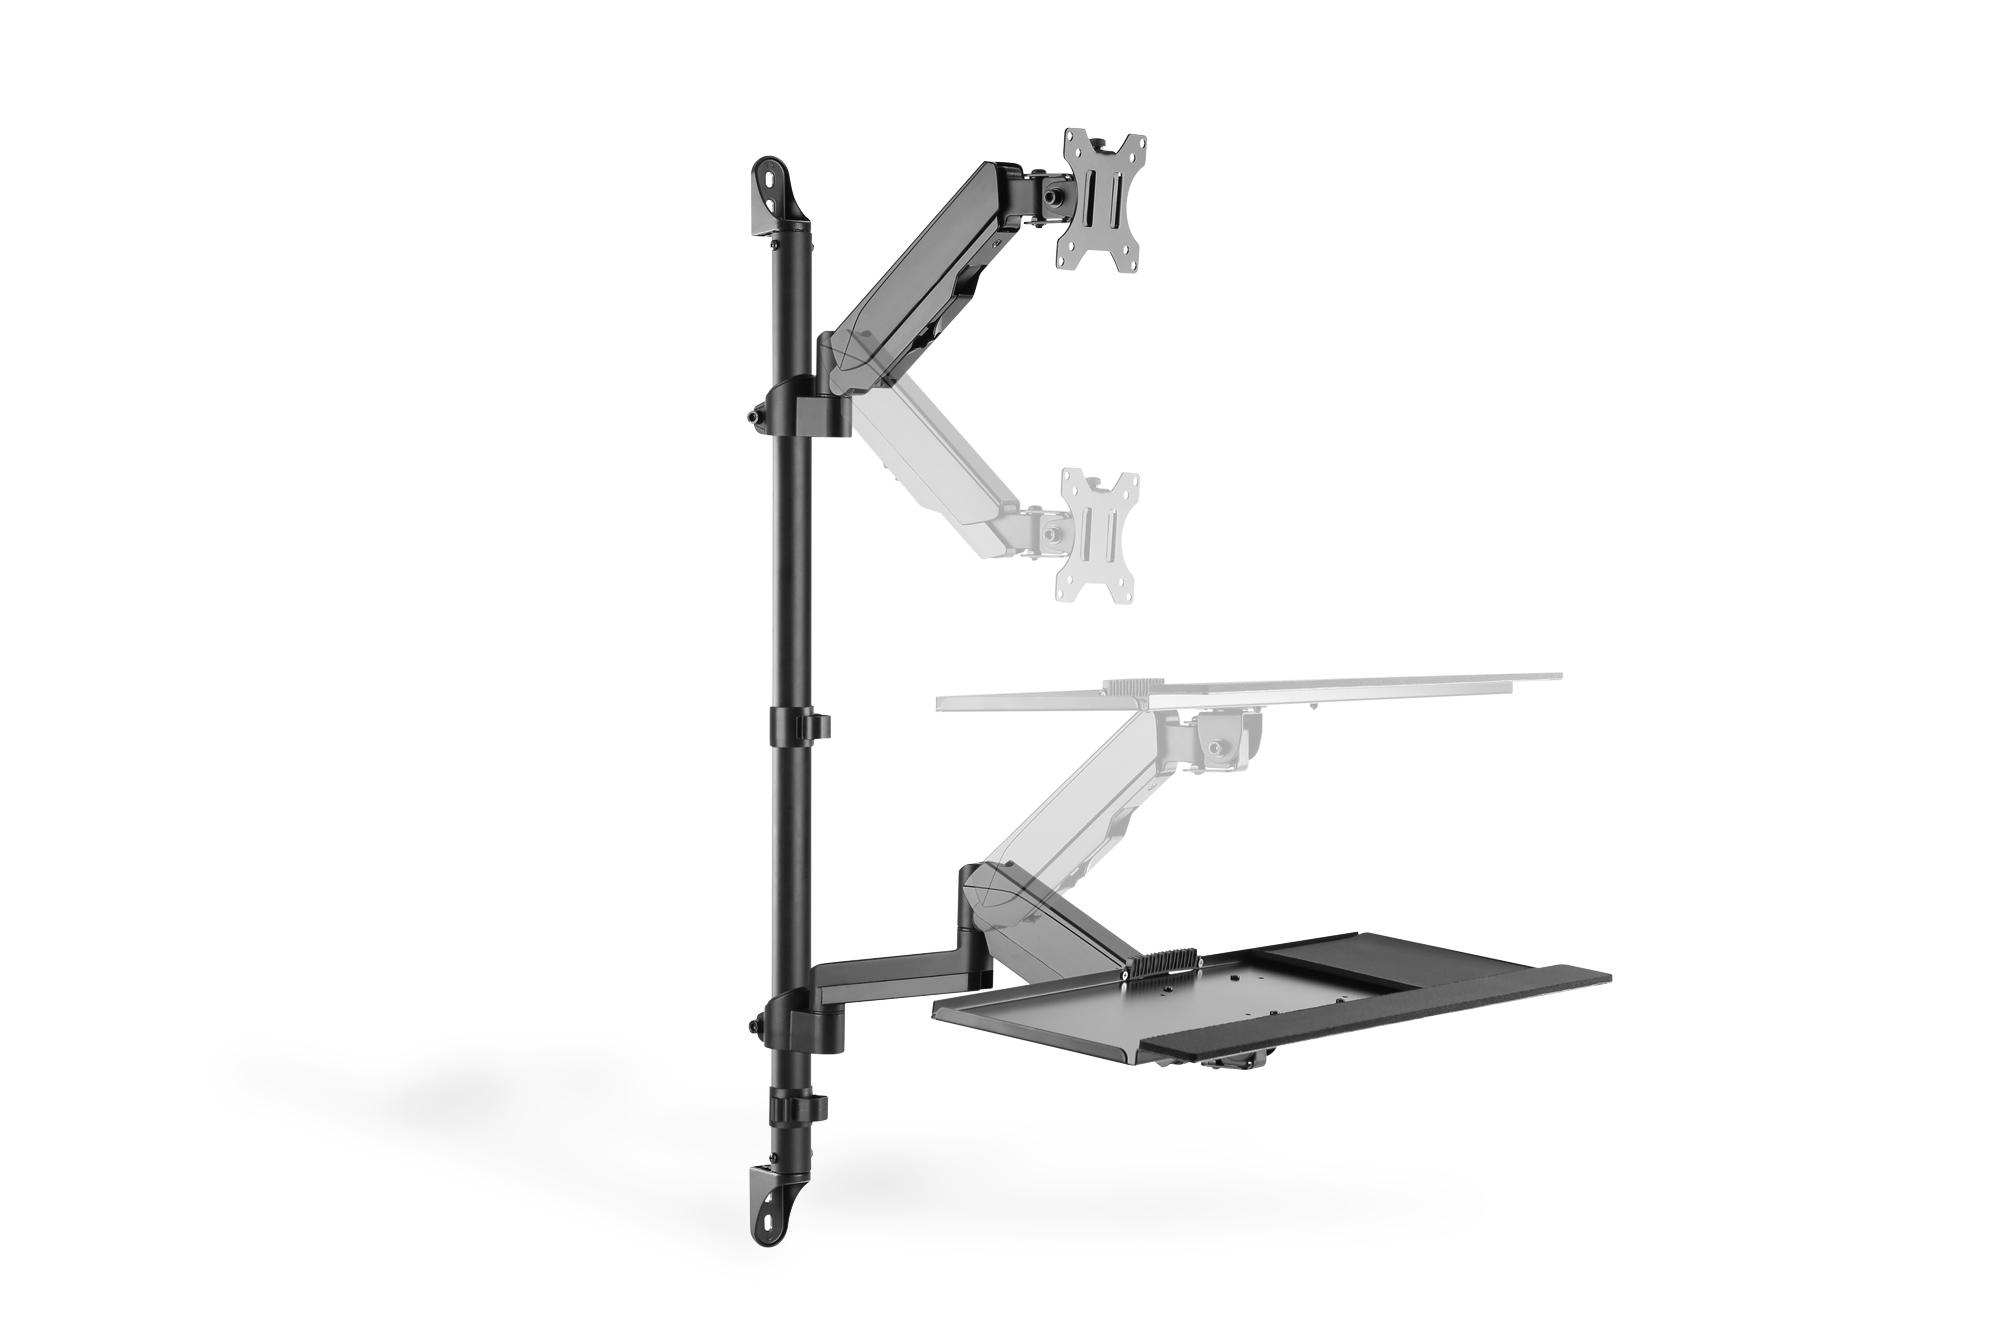 Postazione di lavoro flessibile per lavorare in piedi o seduti montaggio a parete digitus